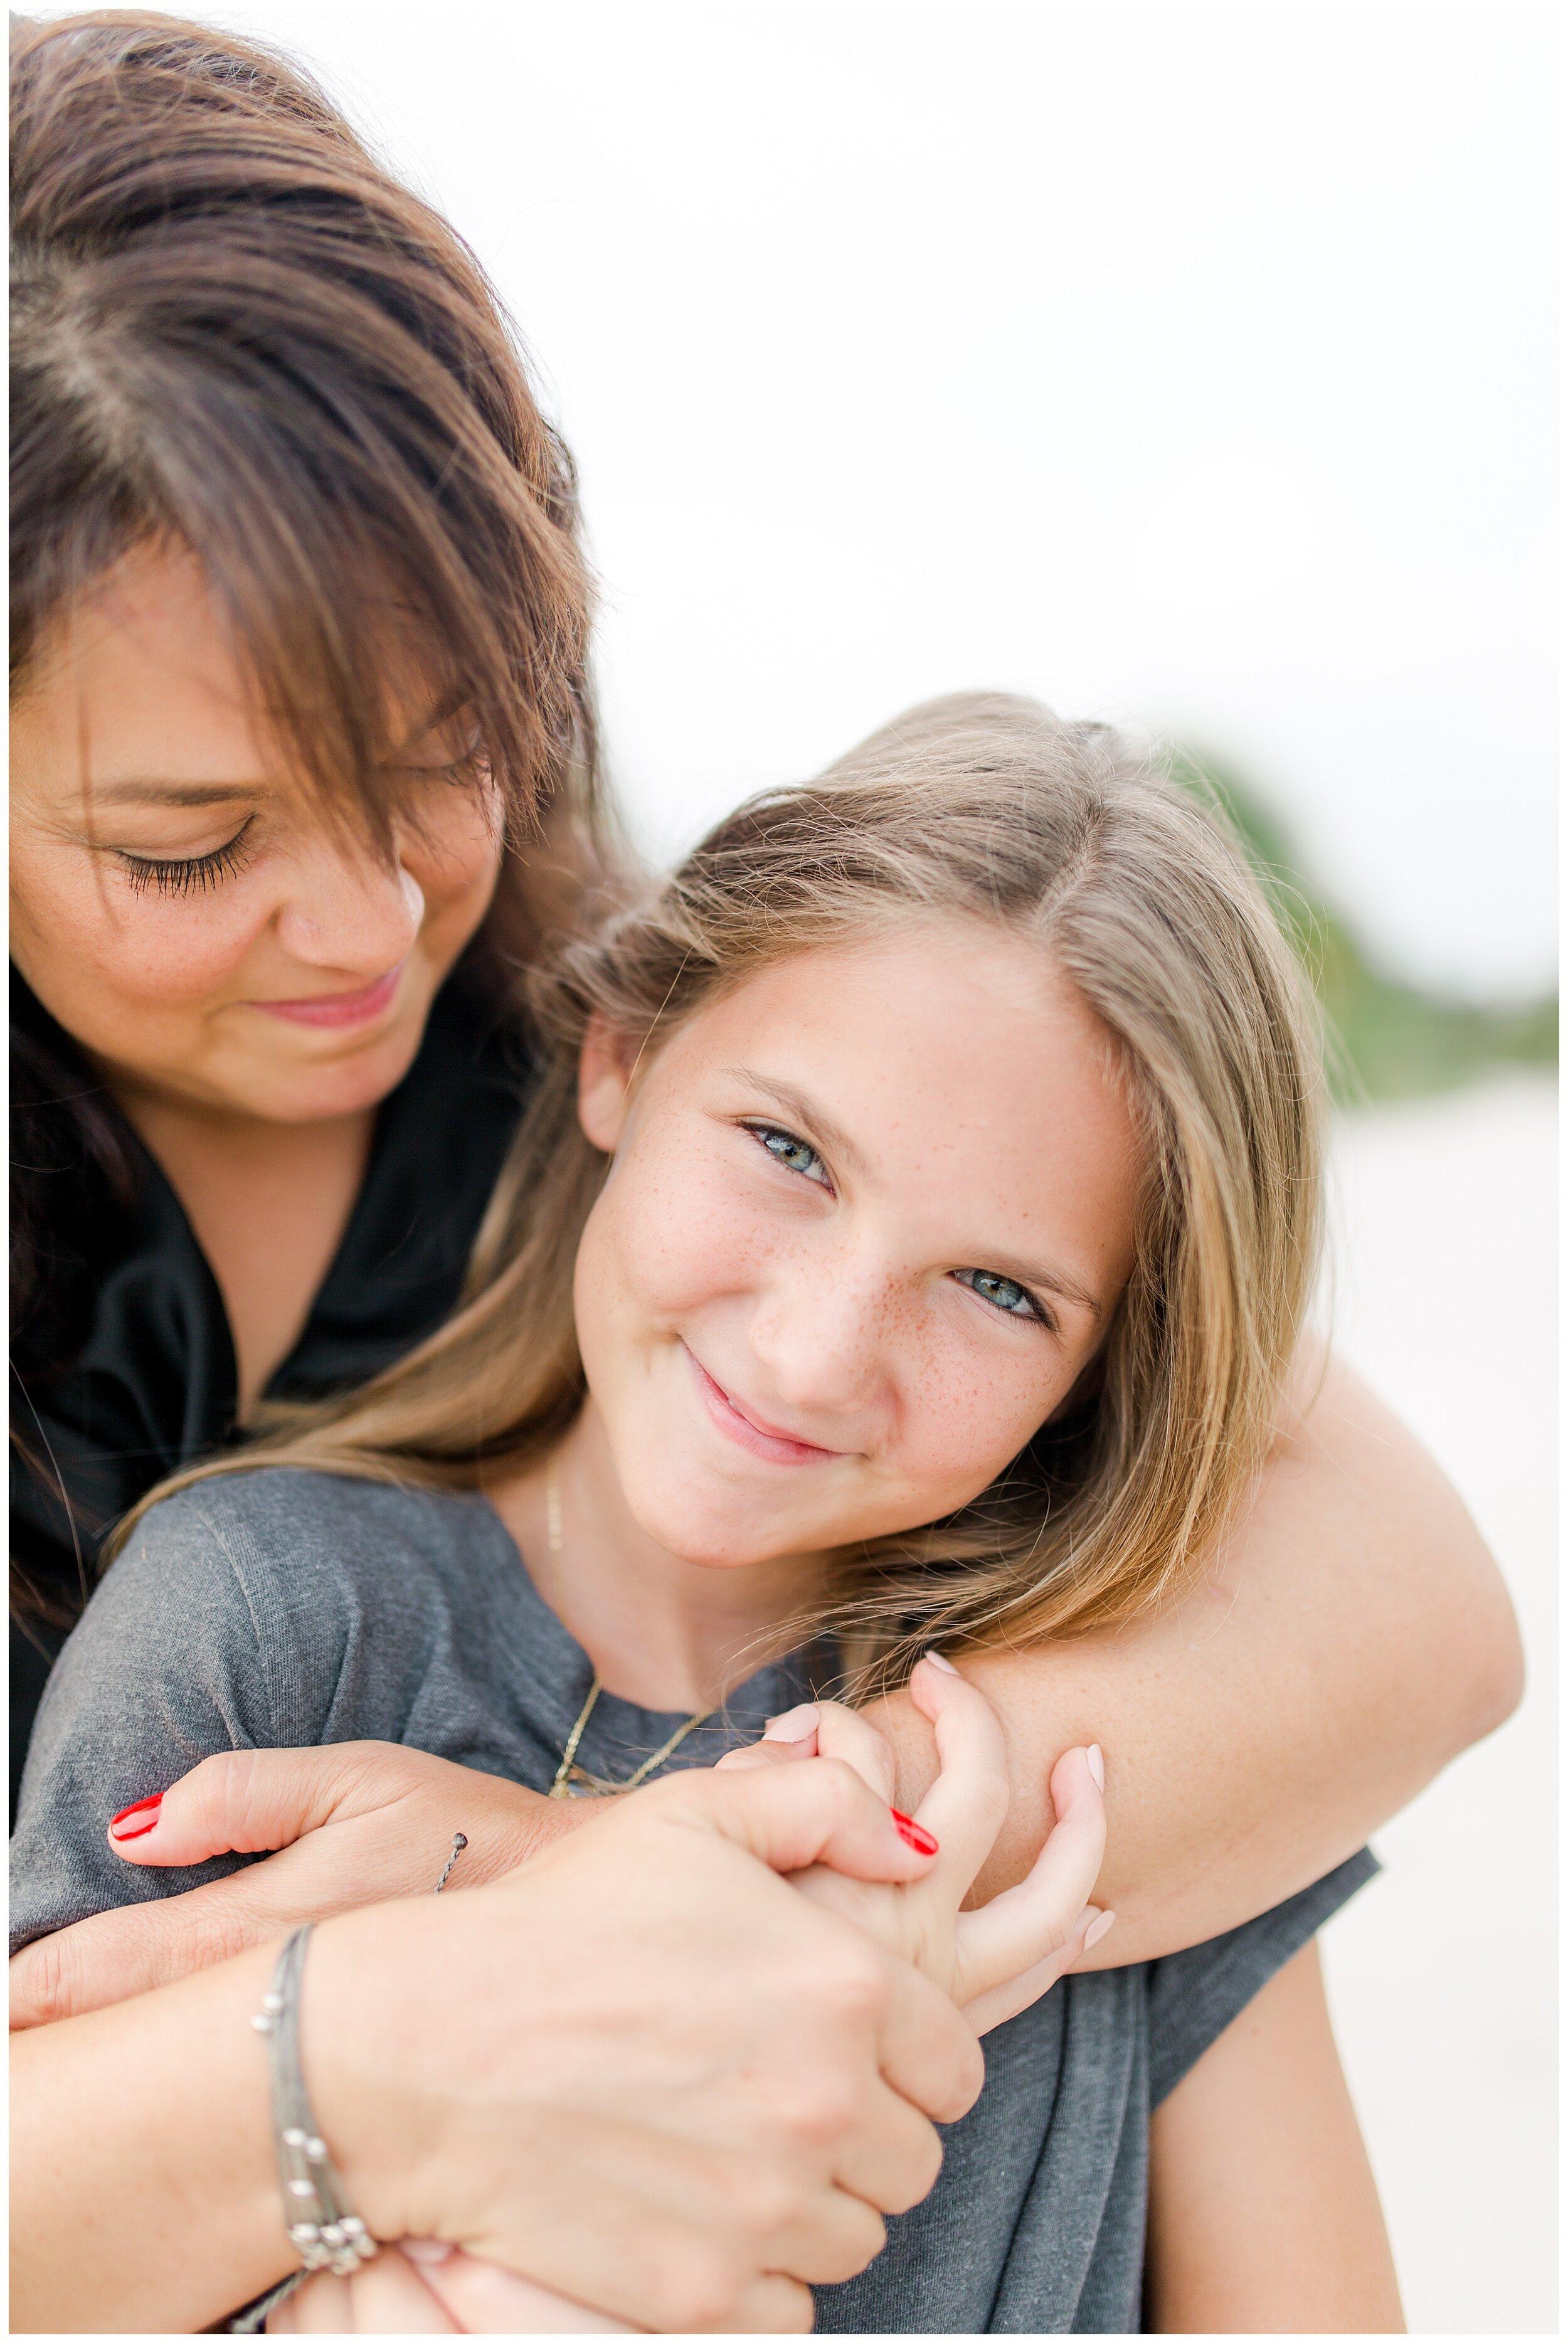 lexington-ky-family-lifestyle-photographer-priscilla-baierlein_1710.jpg